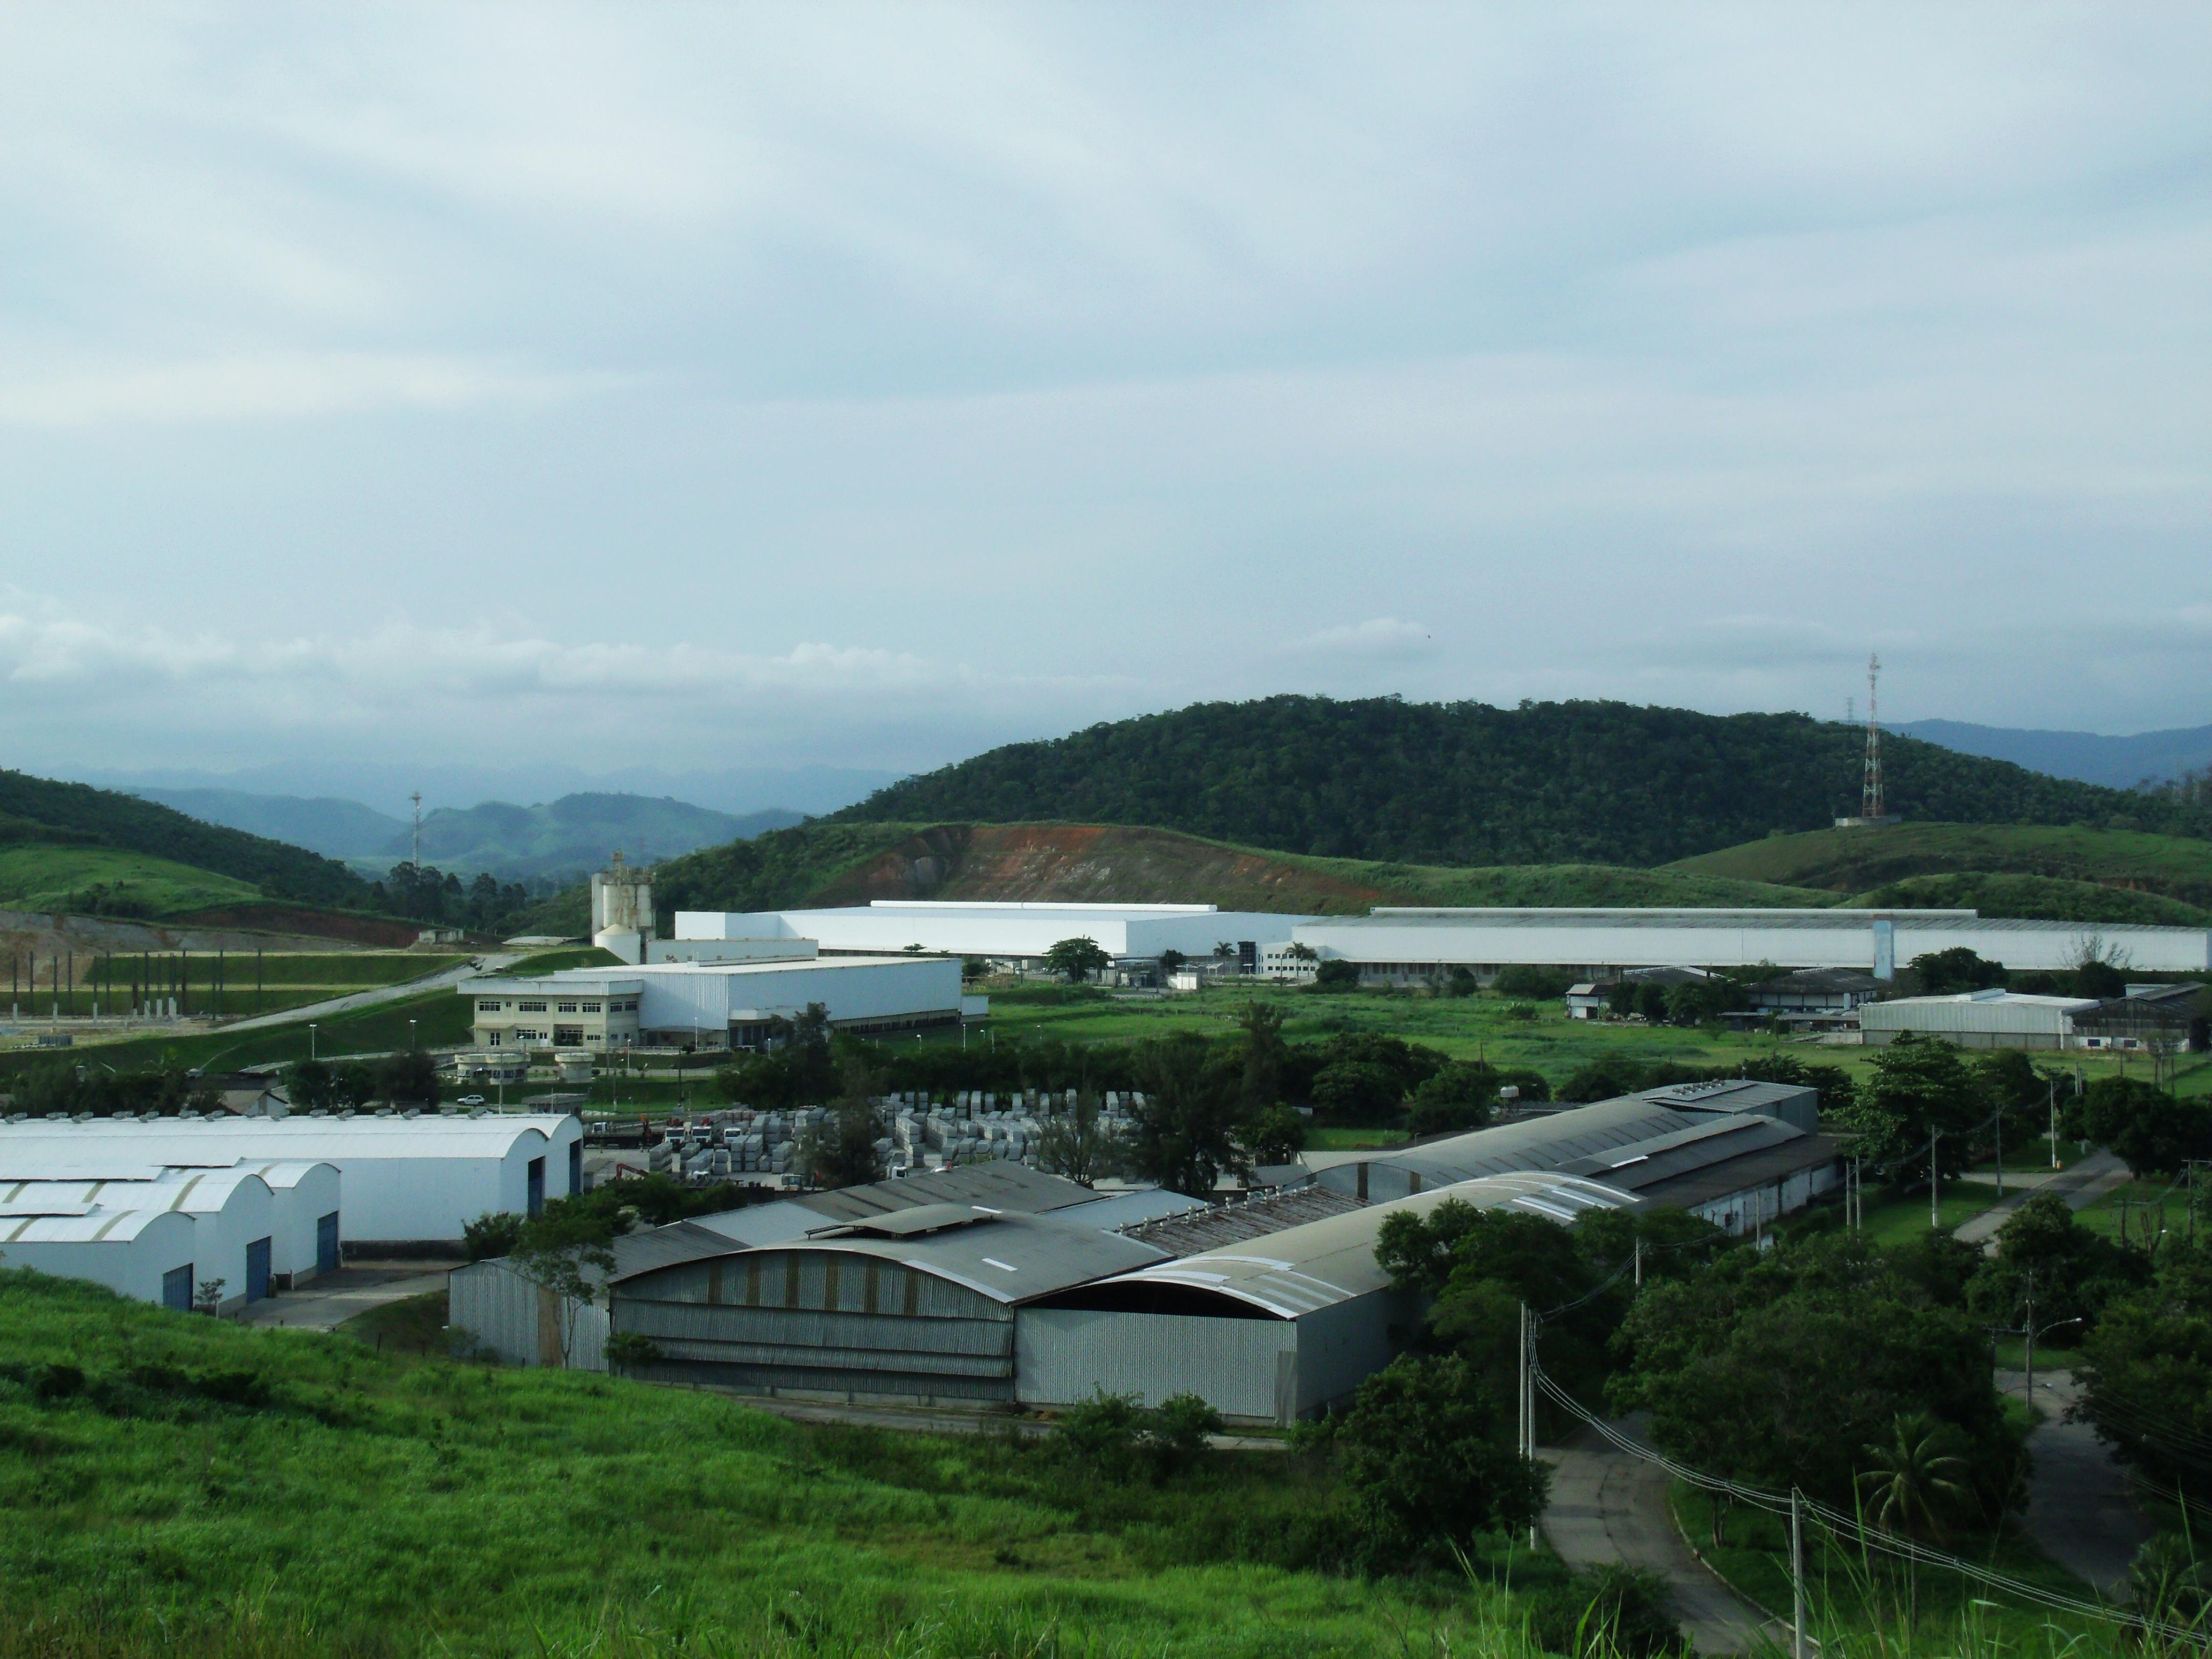 Distrito Industrial de Queimados: industrialização avançou, mas não é suficiente. Foto: Douglas Mota/BaixadaZine